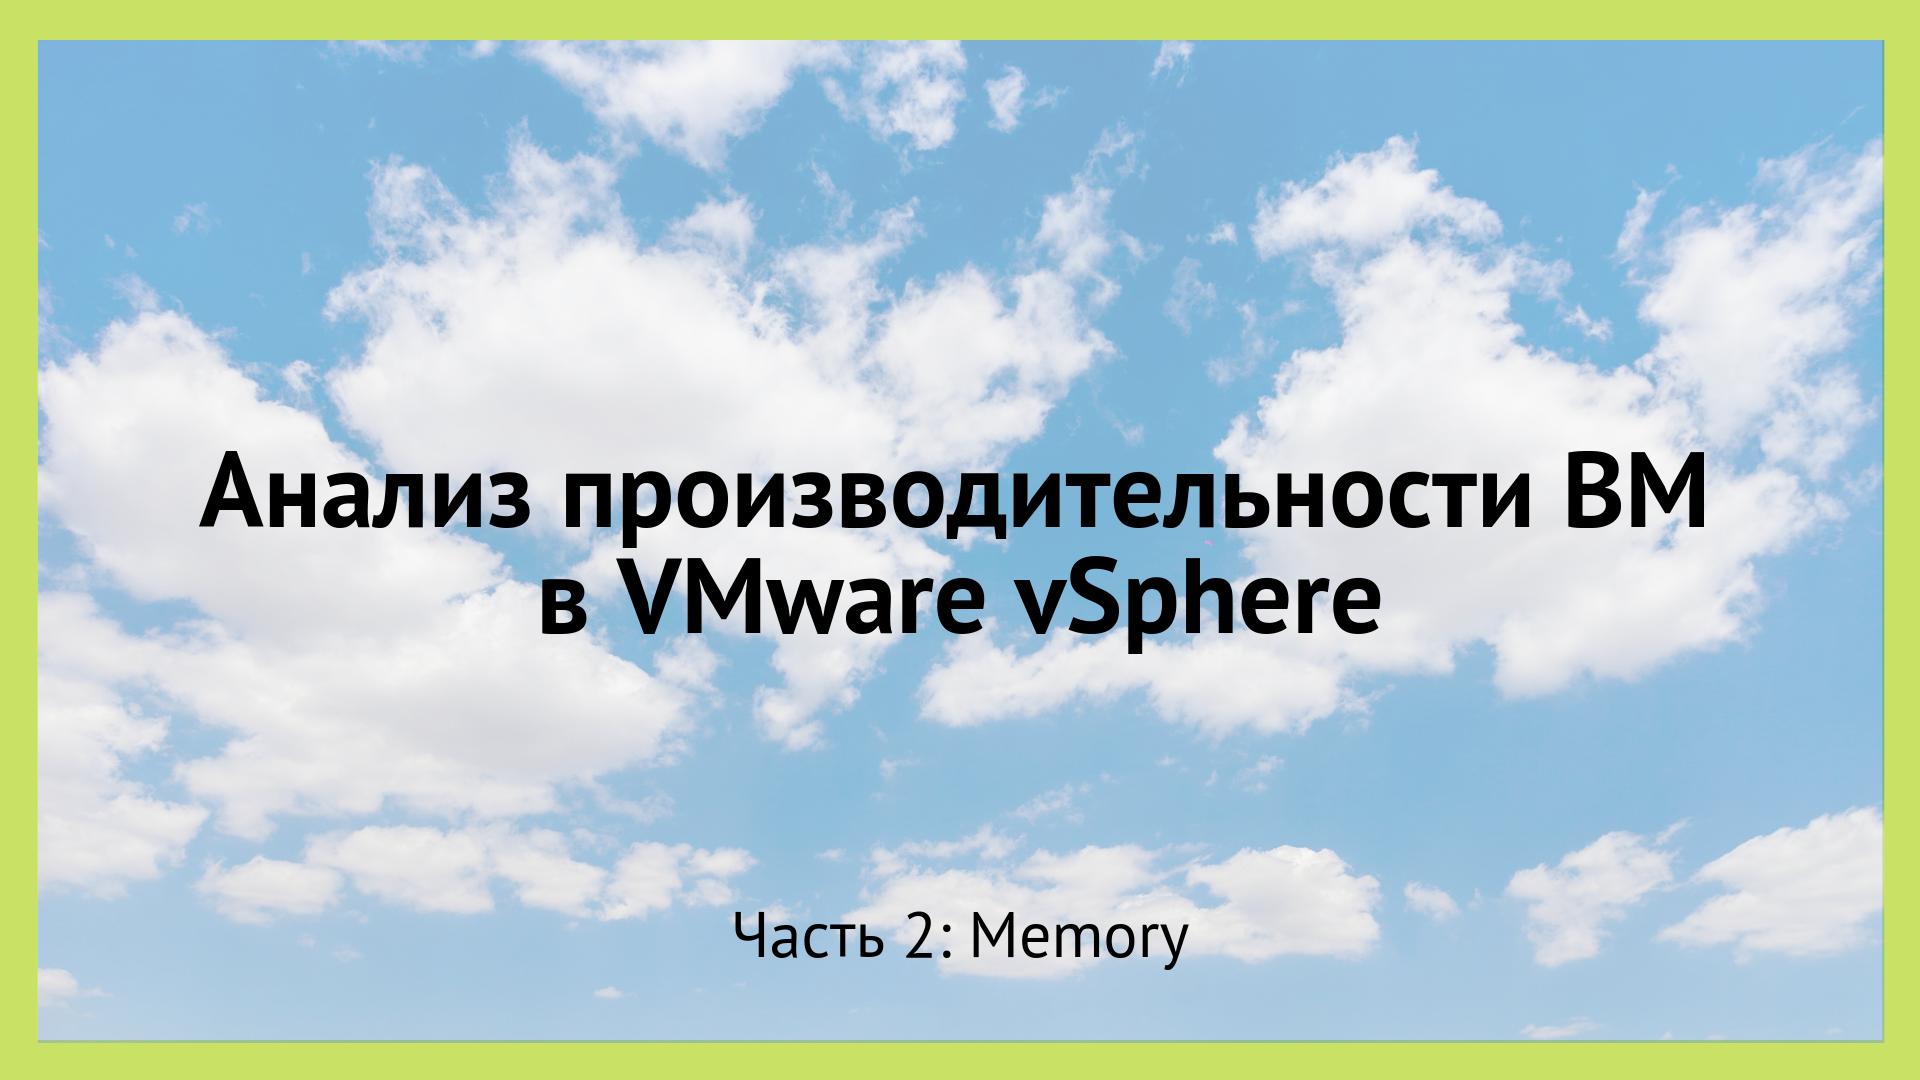 Анализ производительности ВМ в VMware vSphere. Часть 2: Memory - 1